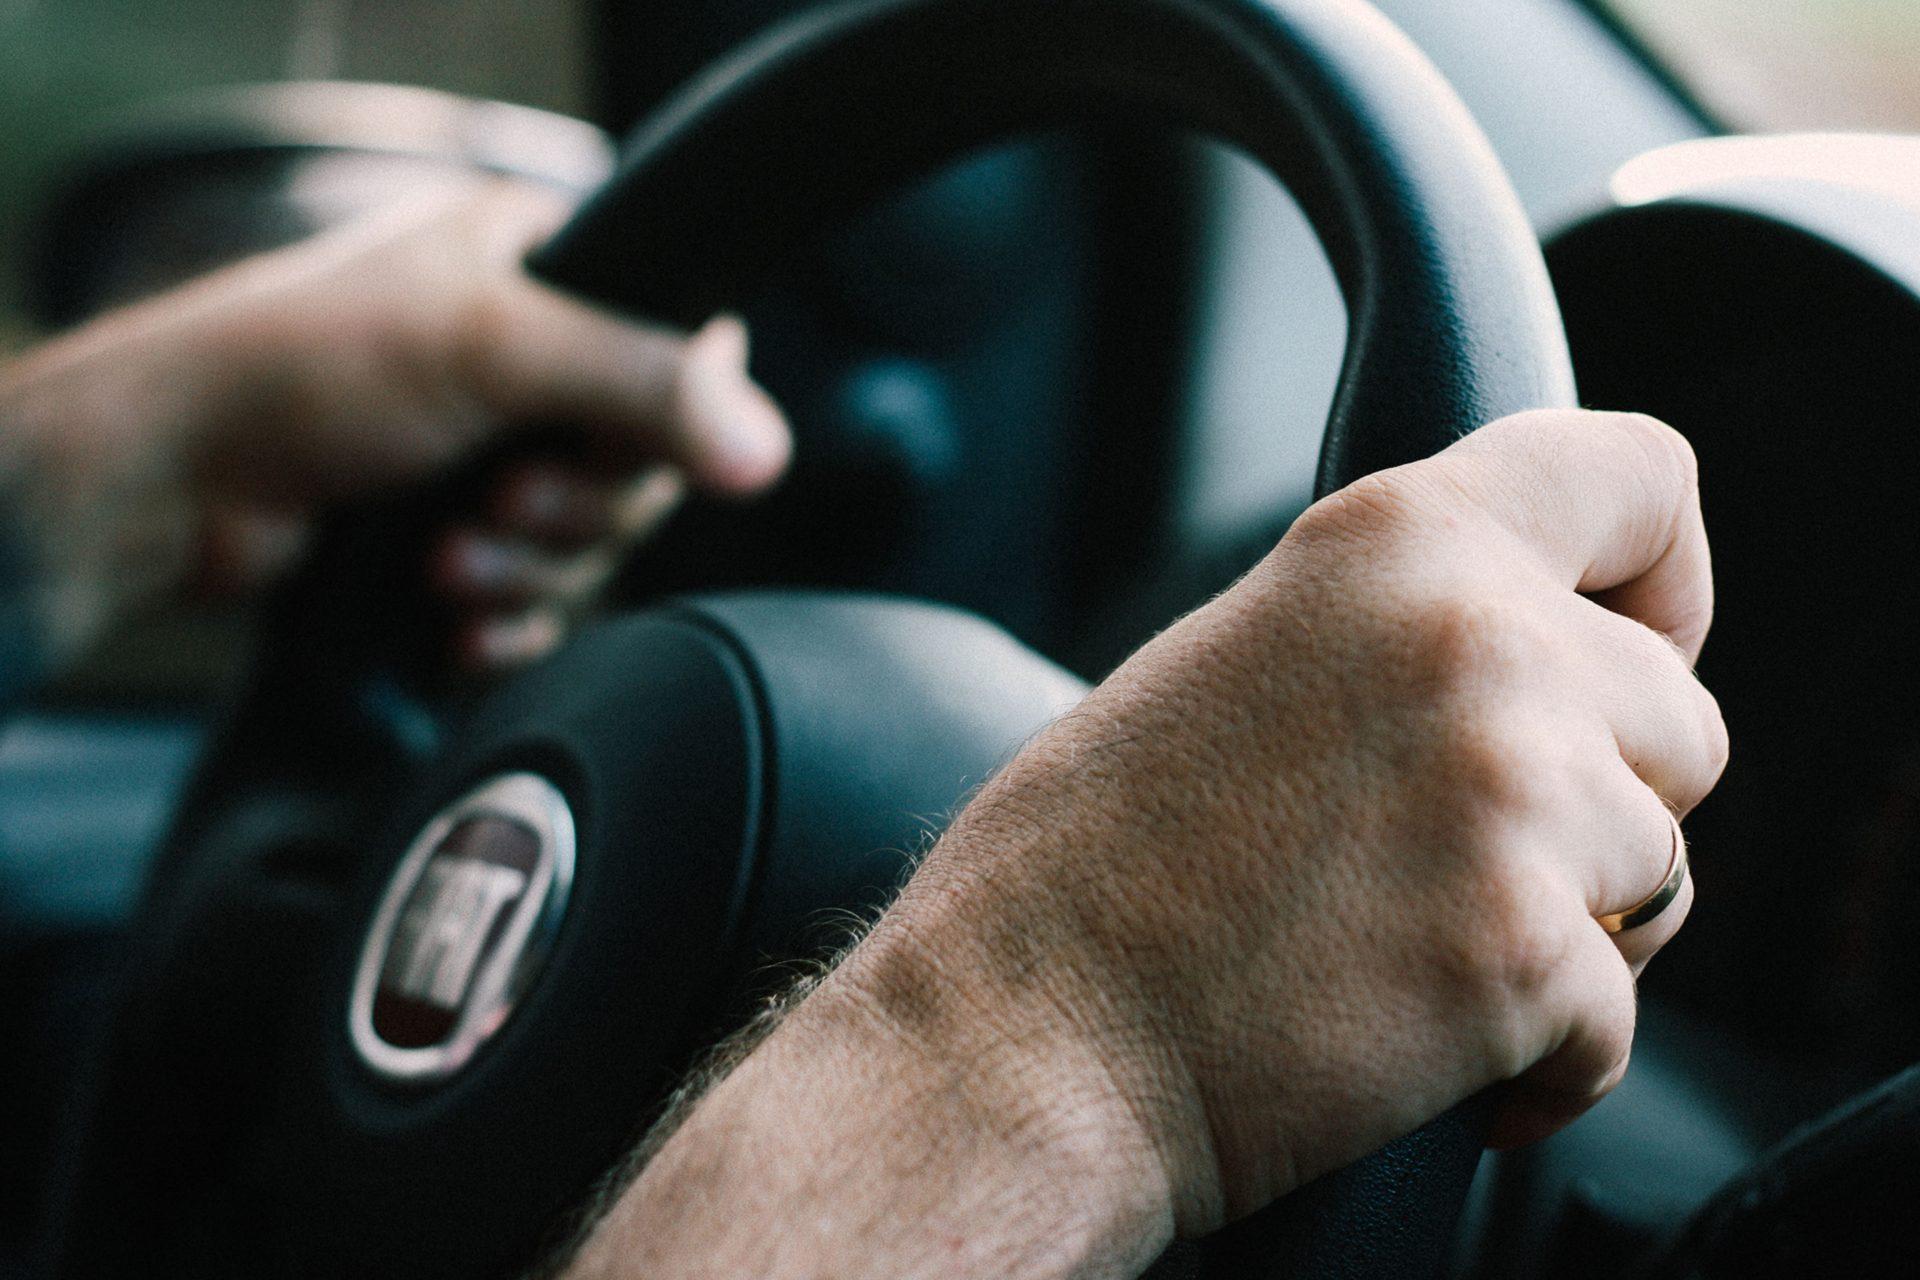 Sospensione immediata della patente per chi usa lo smartphone alla guida